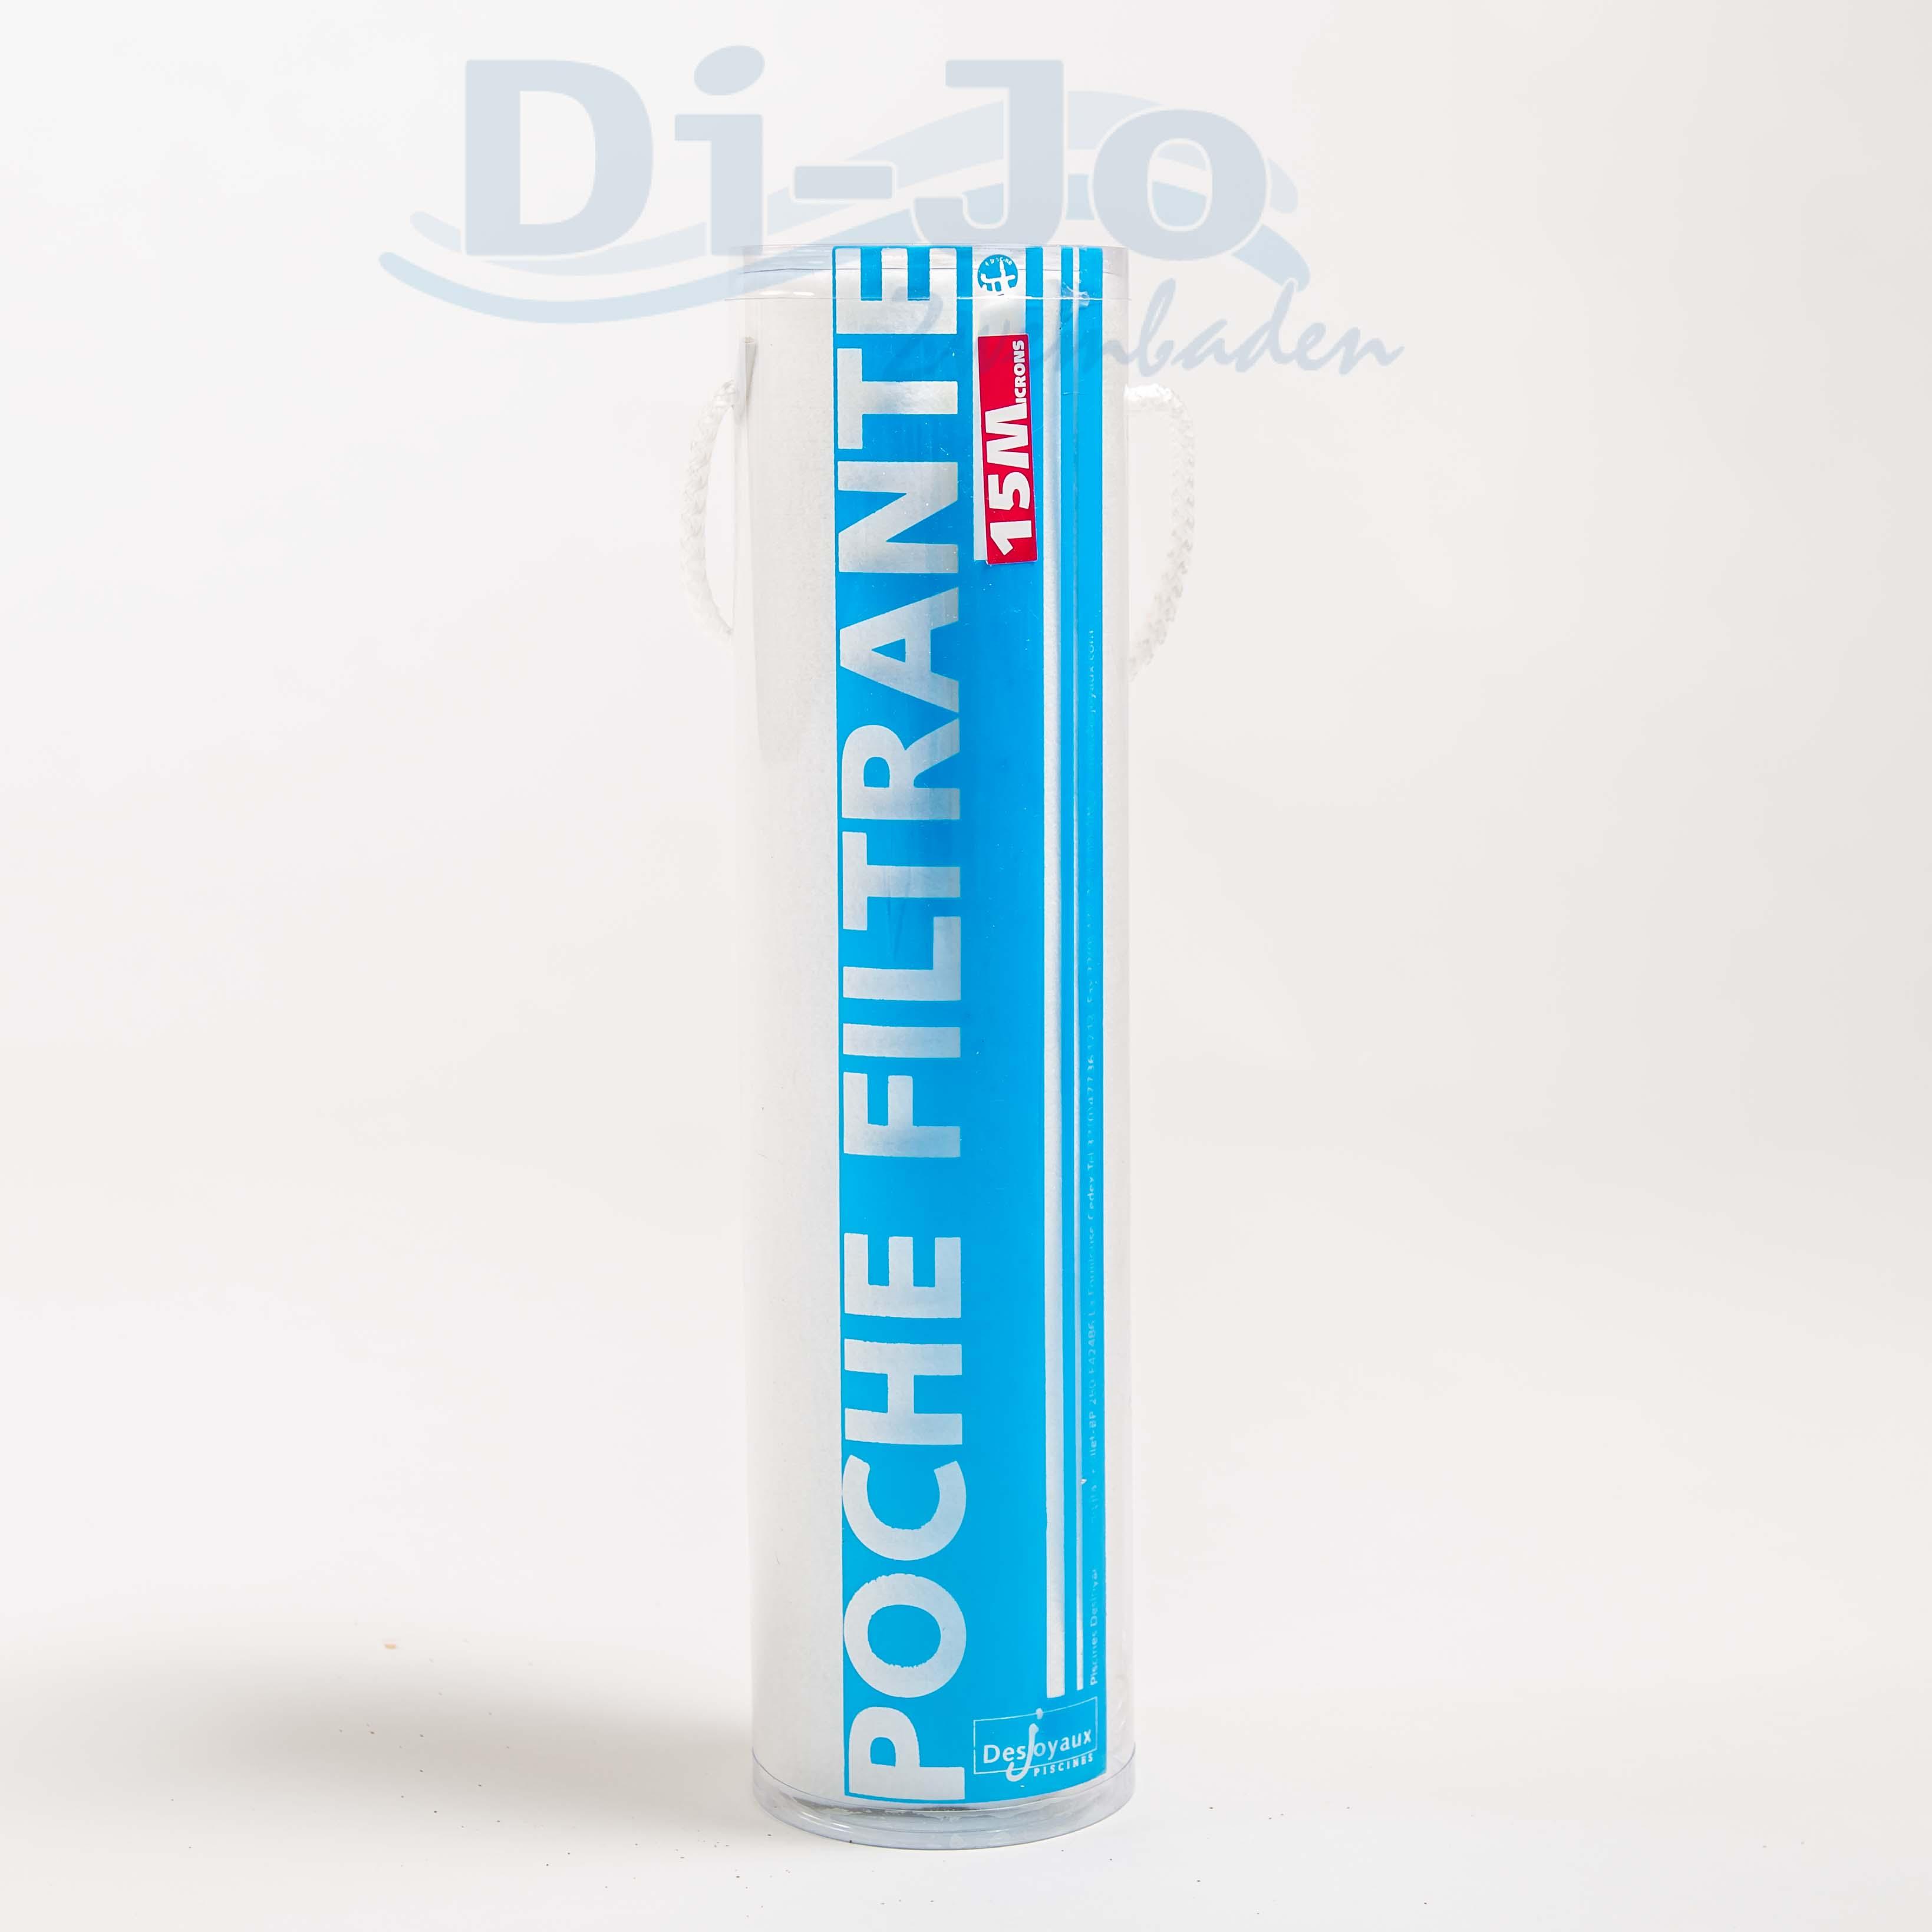 desjoyaux filterzakken 15 micron